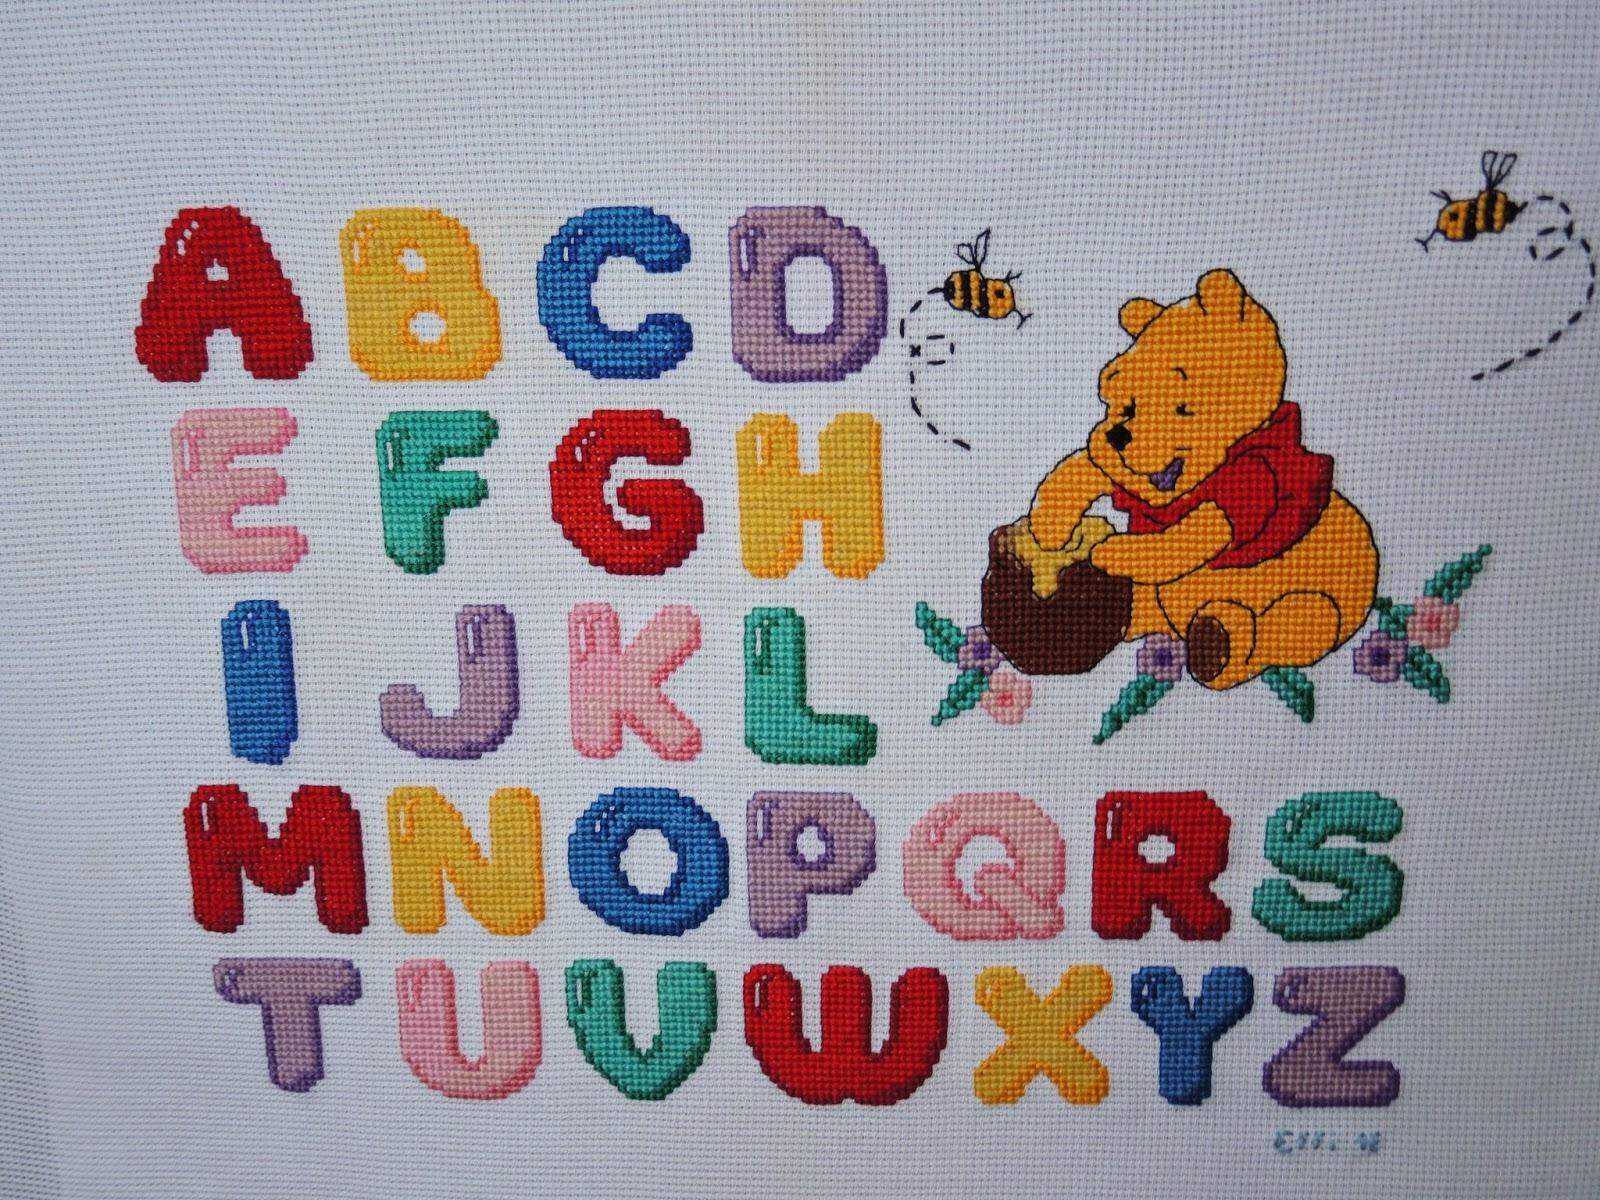 авфавит вышивка буквы английский